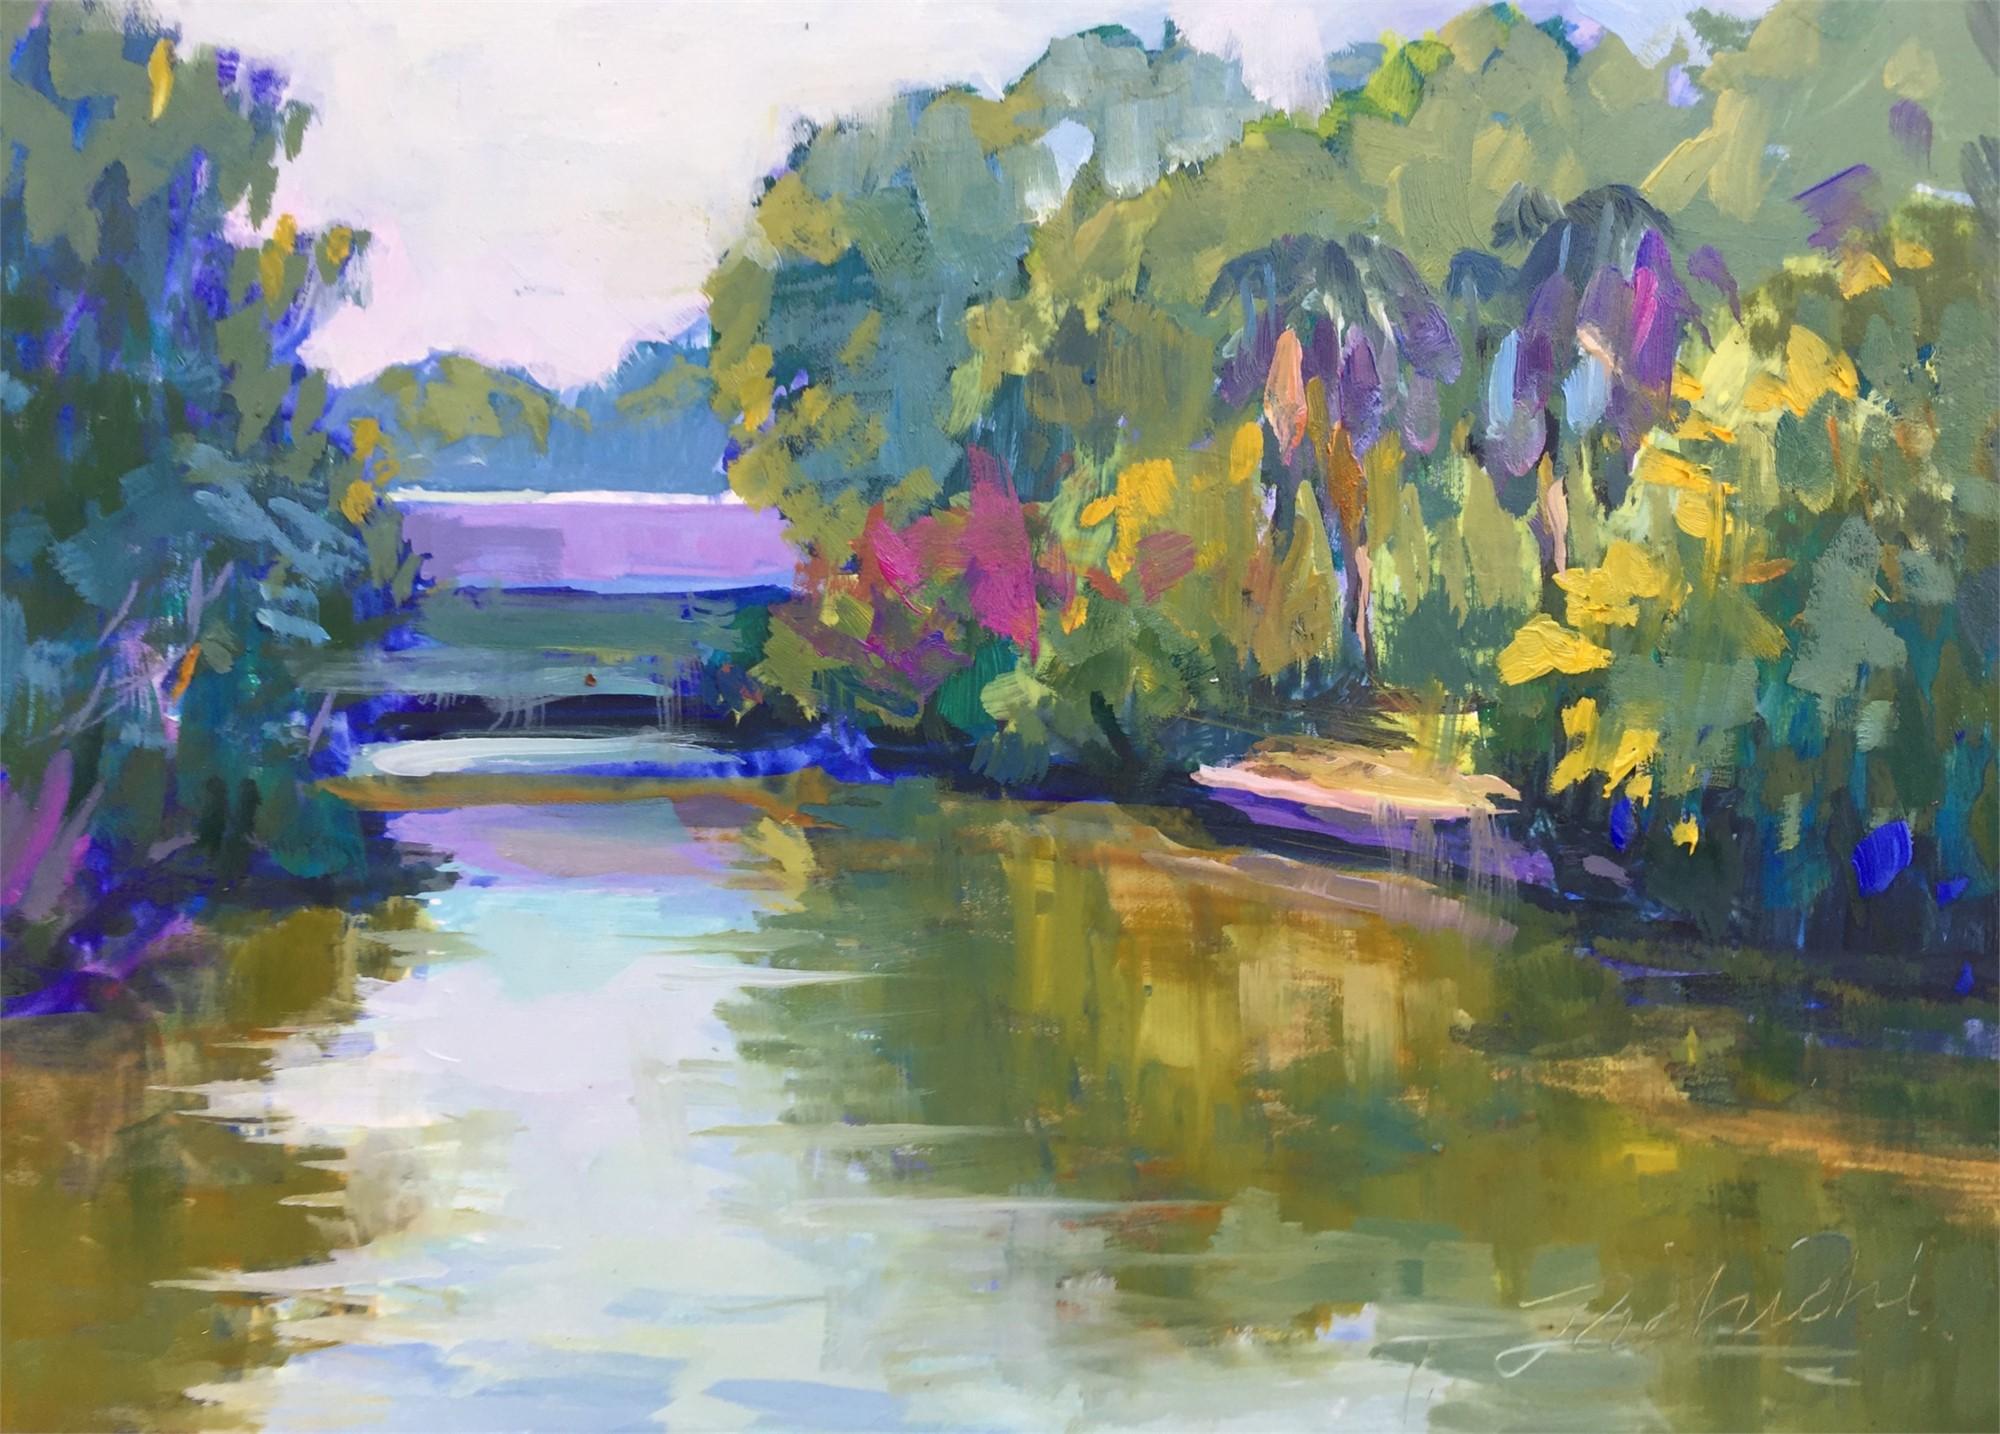 Hudson Bayou Serenity by Linda Richichi